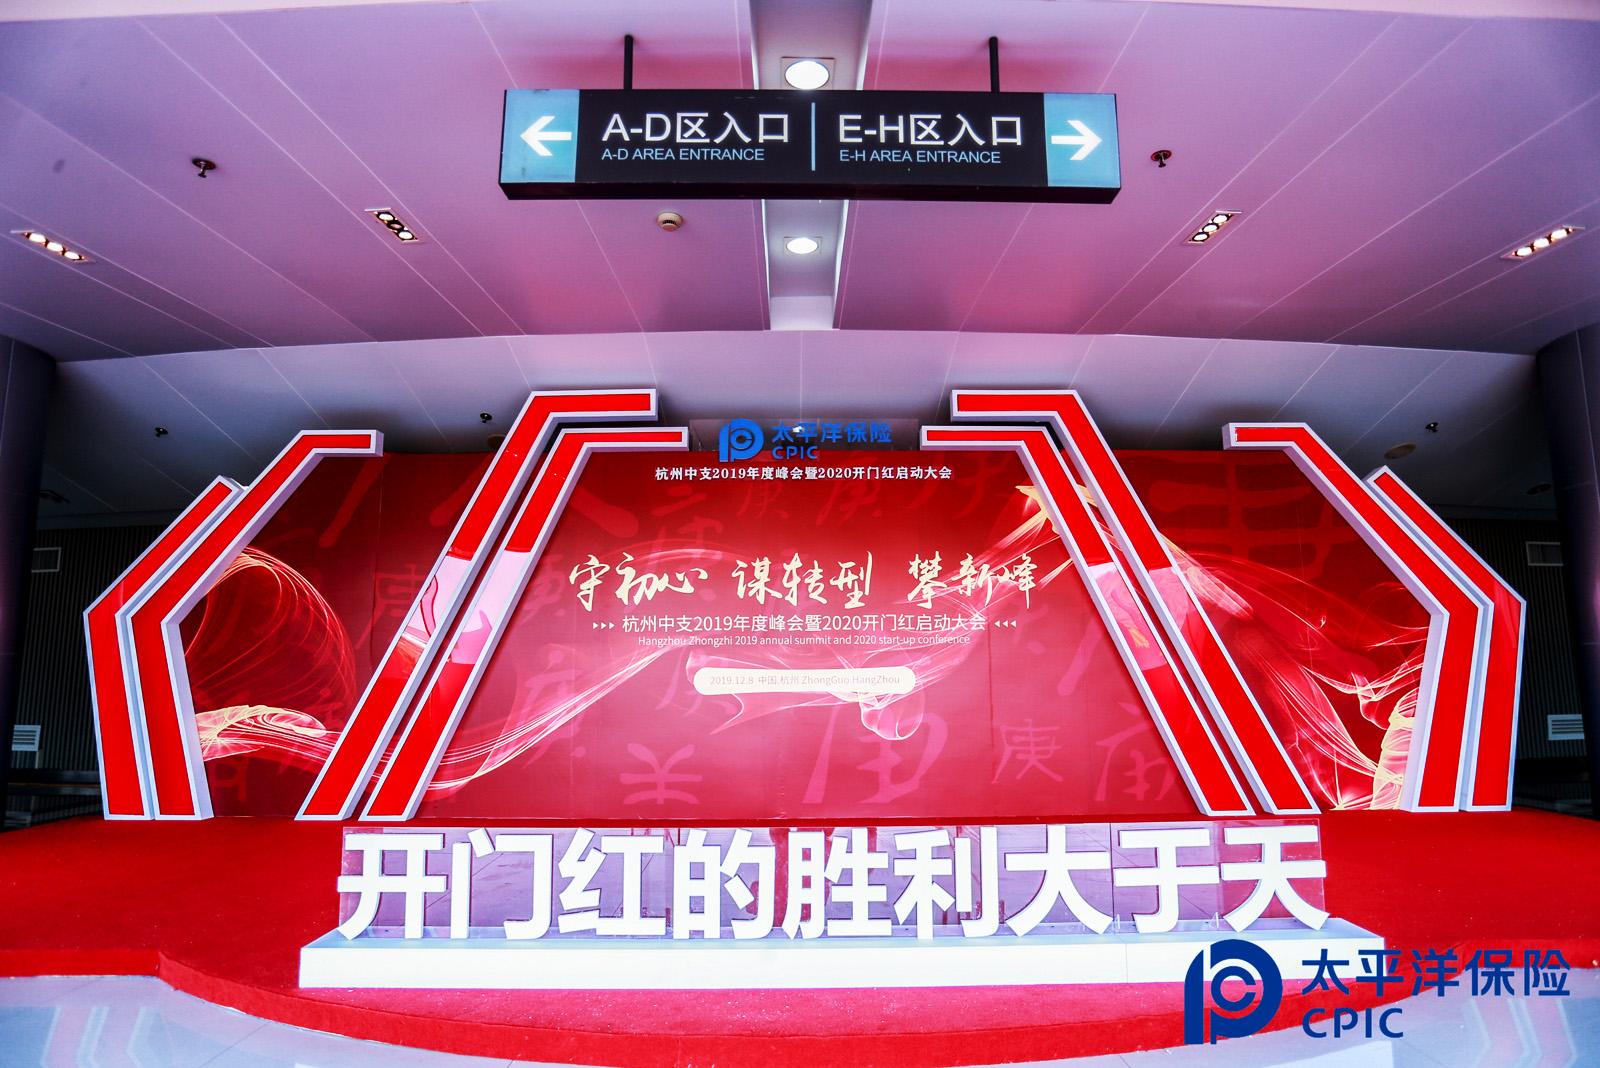 太平洋保险杭州中支2019年度峰会暨2020开门红启动大会-8